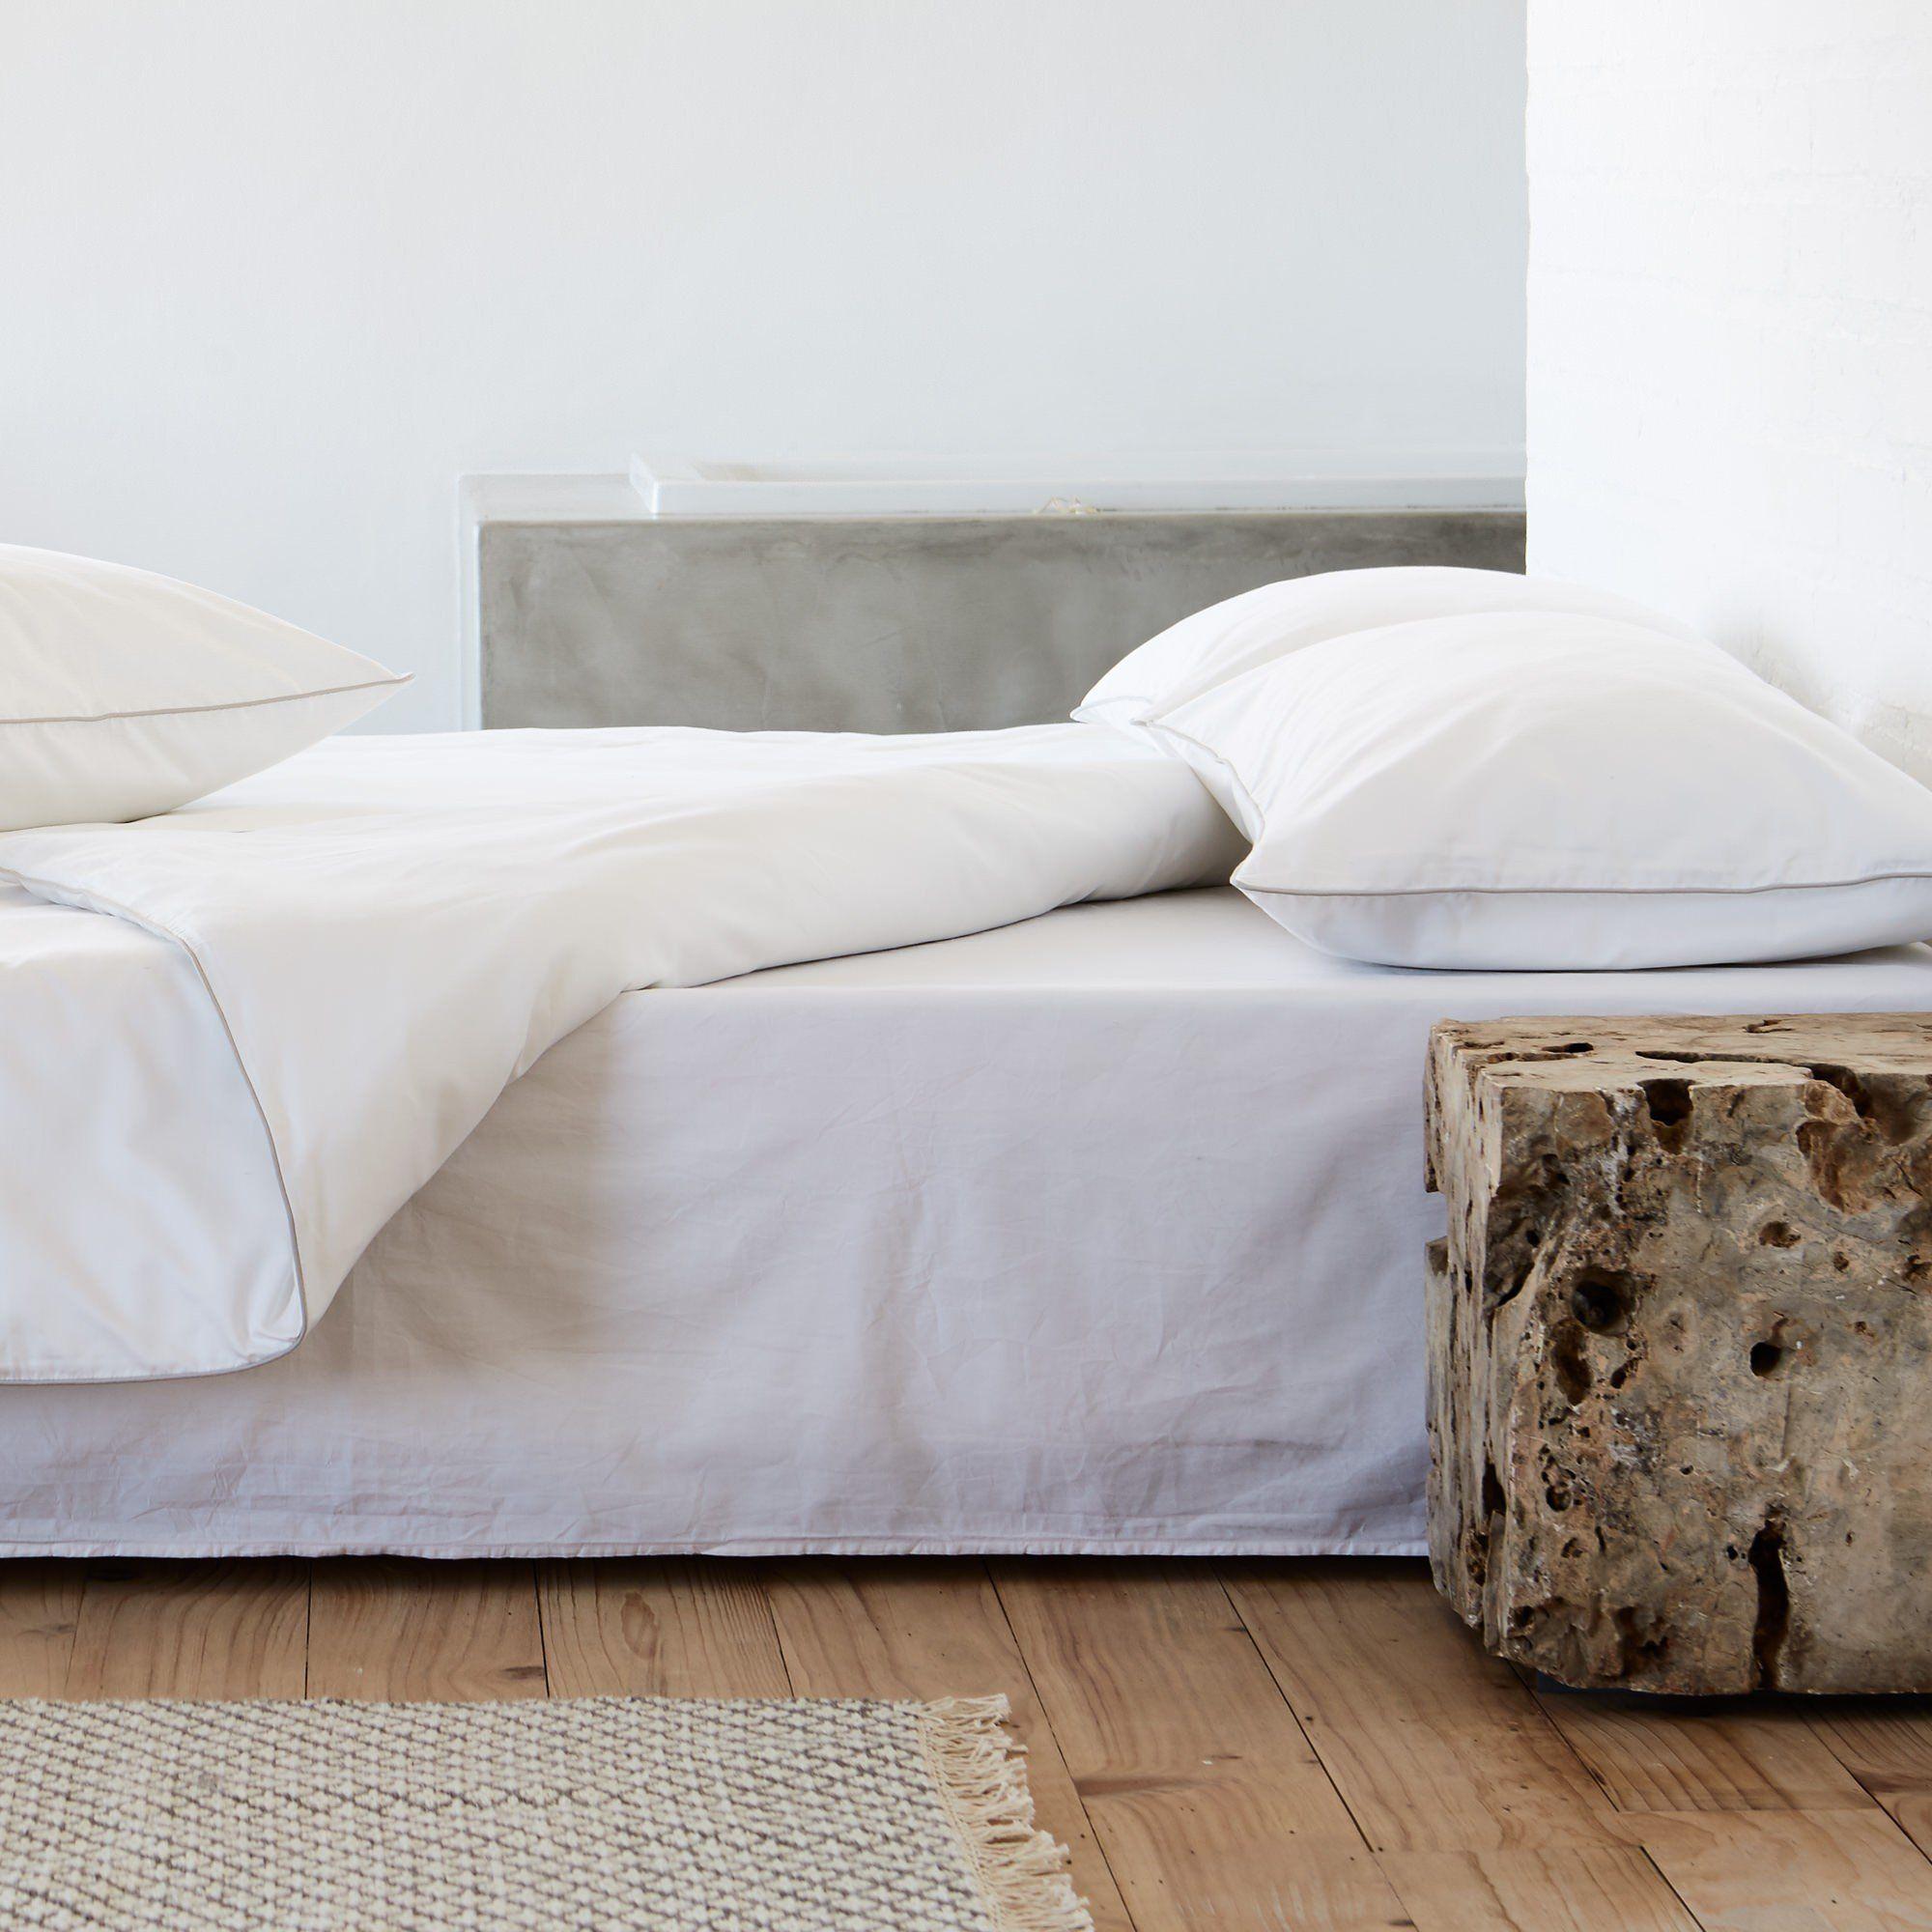 Bettdeckenbezug Tercia Weiss Anthrazit 225x220 Cm Hidden